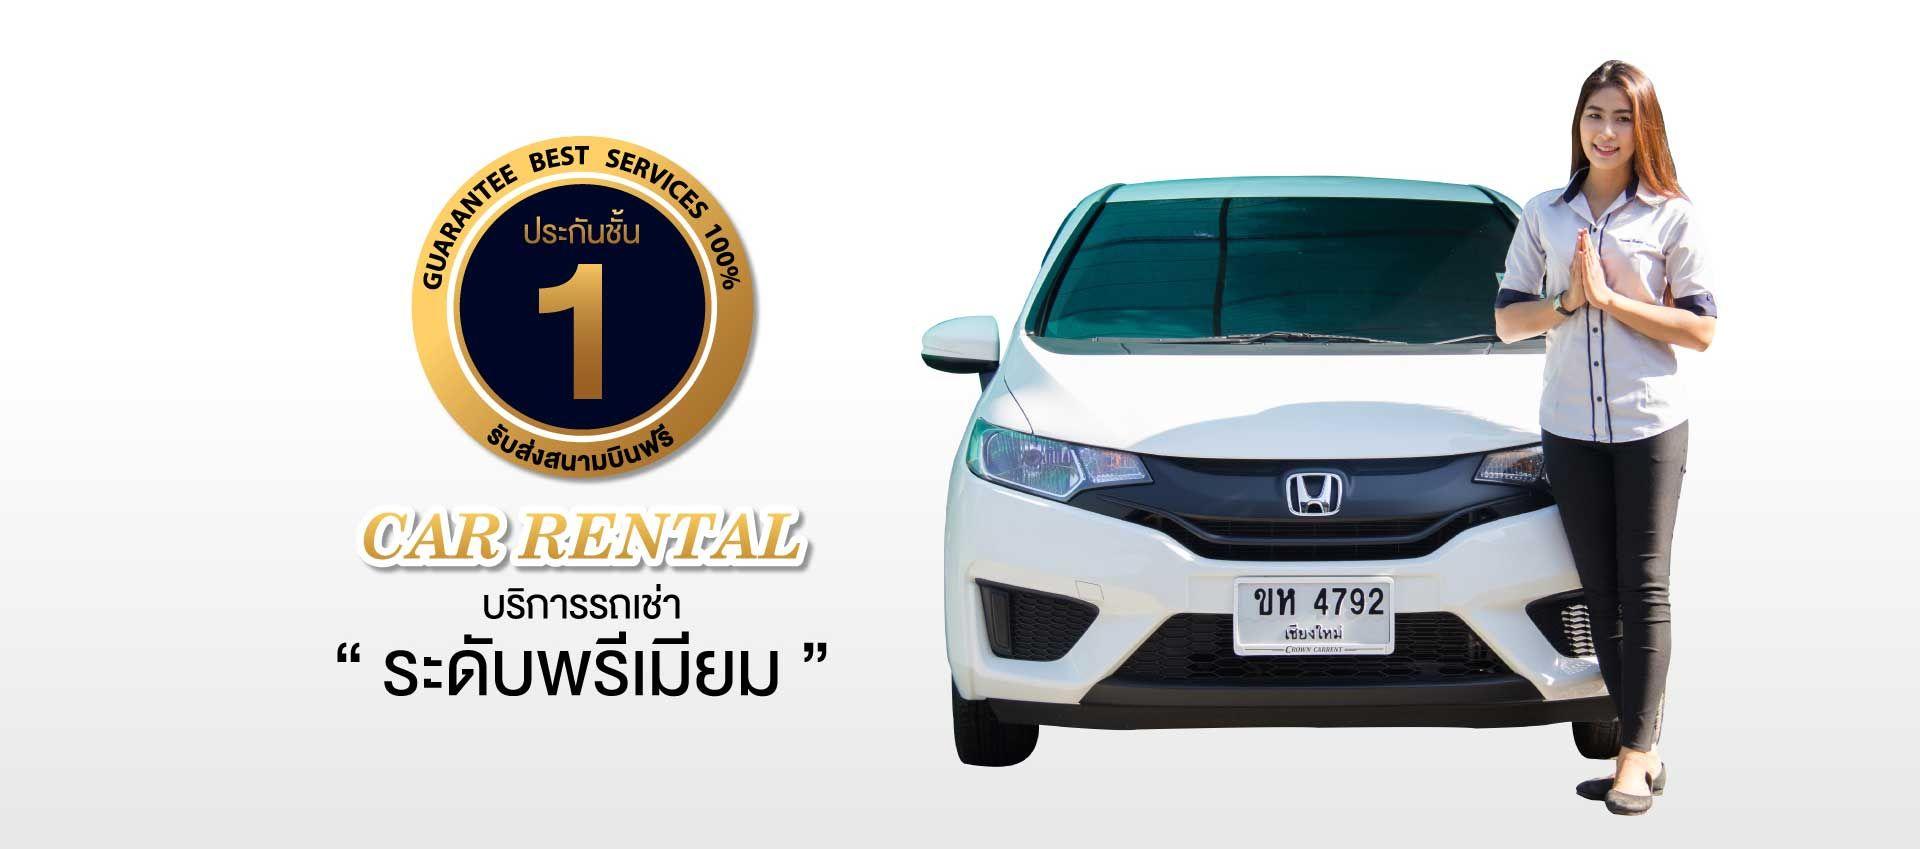 Chiang Mai Car Rental Crown Carrent Thai Rent A Car Rent A Car Chiang Mai Best Car Rental Service Provide Ne Car Rental Sedan Cars Best Car Rental